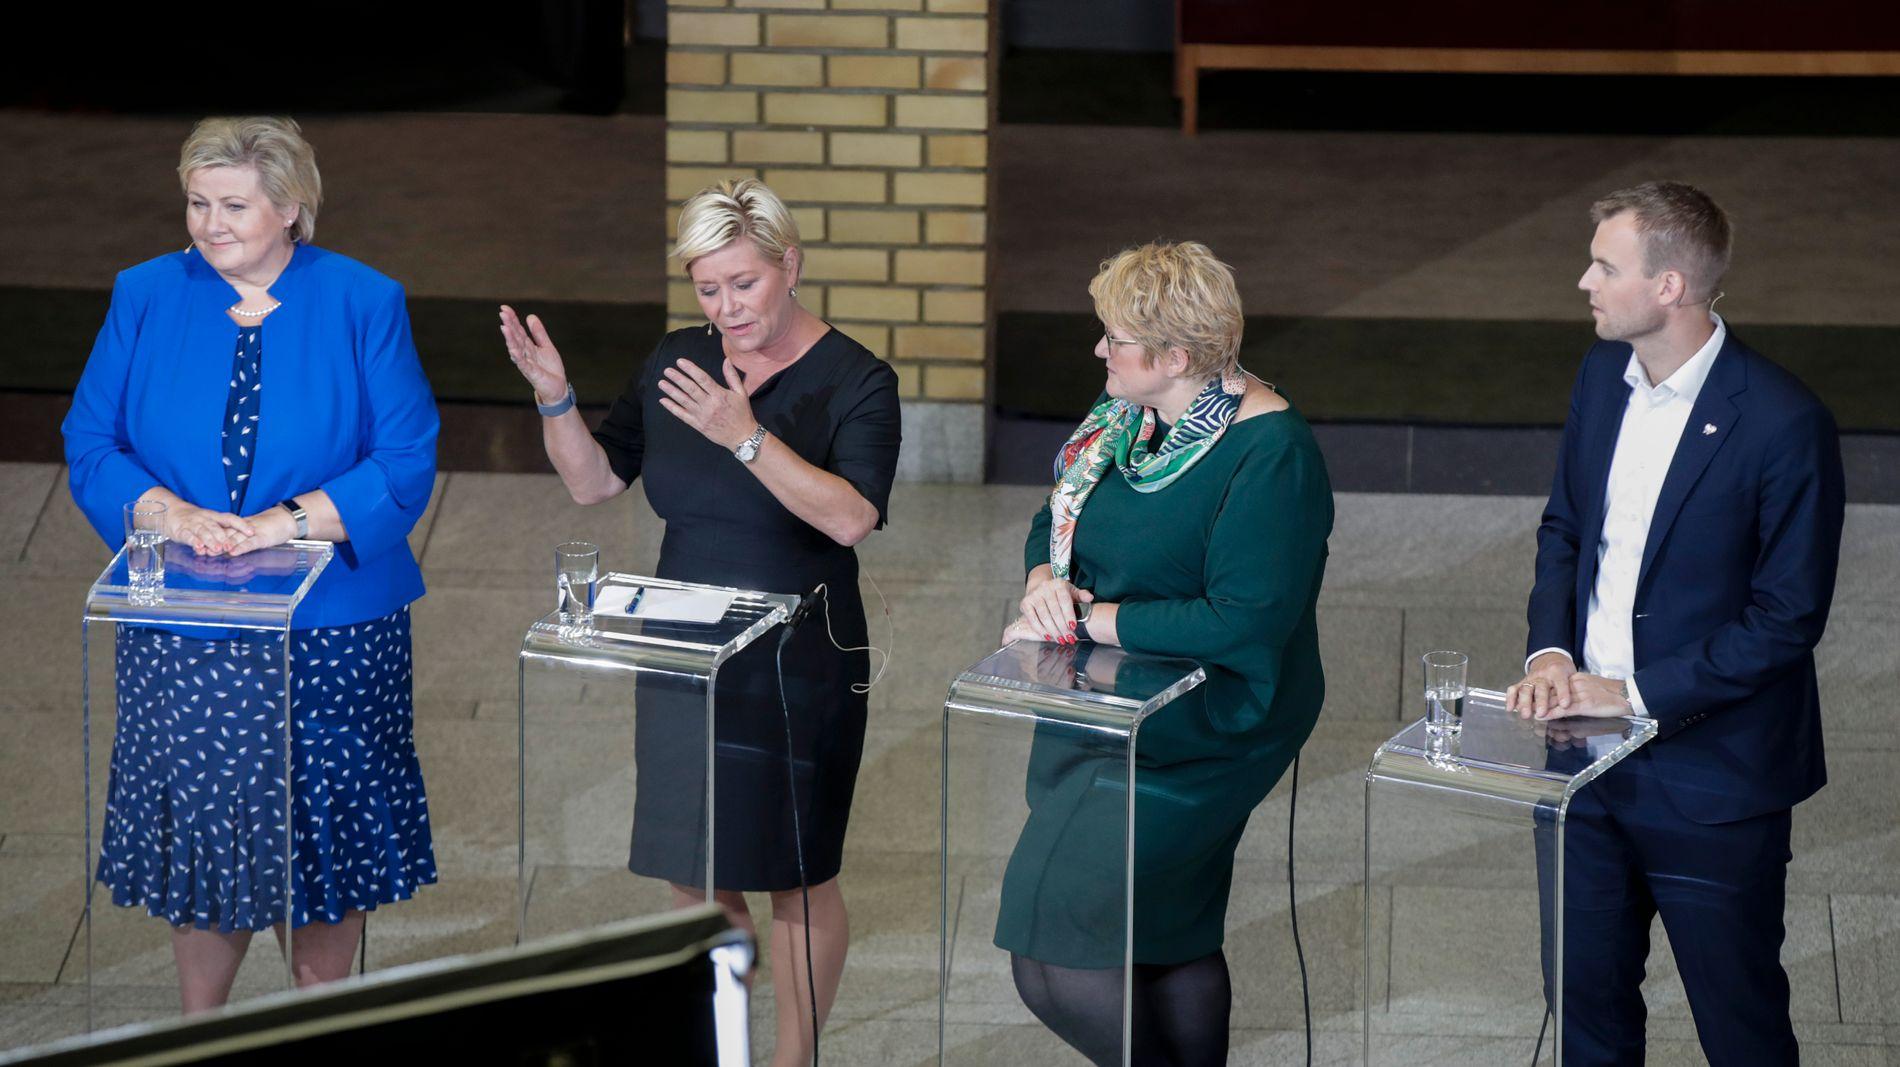 PEKER OPP: Regjeringspartienes svake kommunevalg kan presse opp pengebruken, mener DNB. Fra.v statsminister Erna Solberg (H), Siv Jensen (Frp), Trine Skei Grande (V) og Kjell Ingolf Ropstad (KrF) i partielderdebatten i vandrehallen valgnatta.